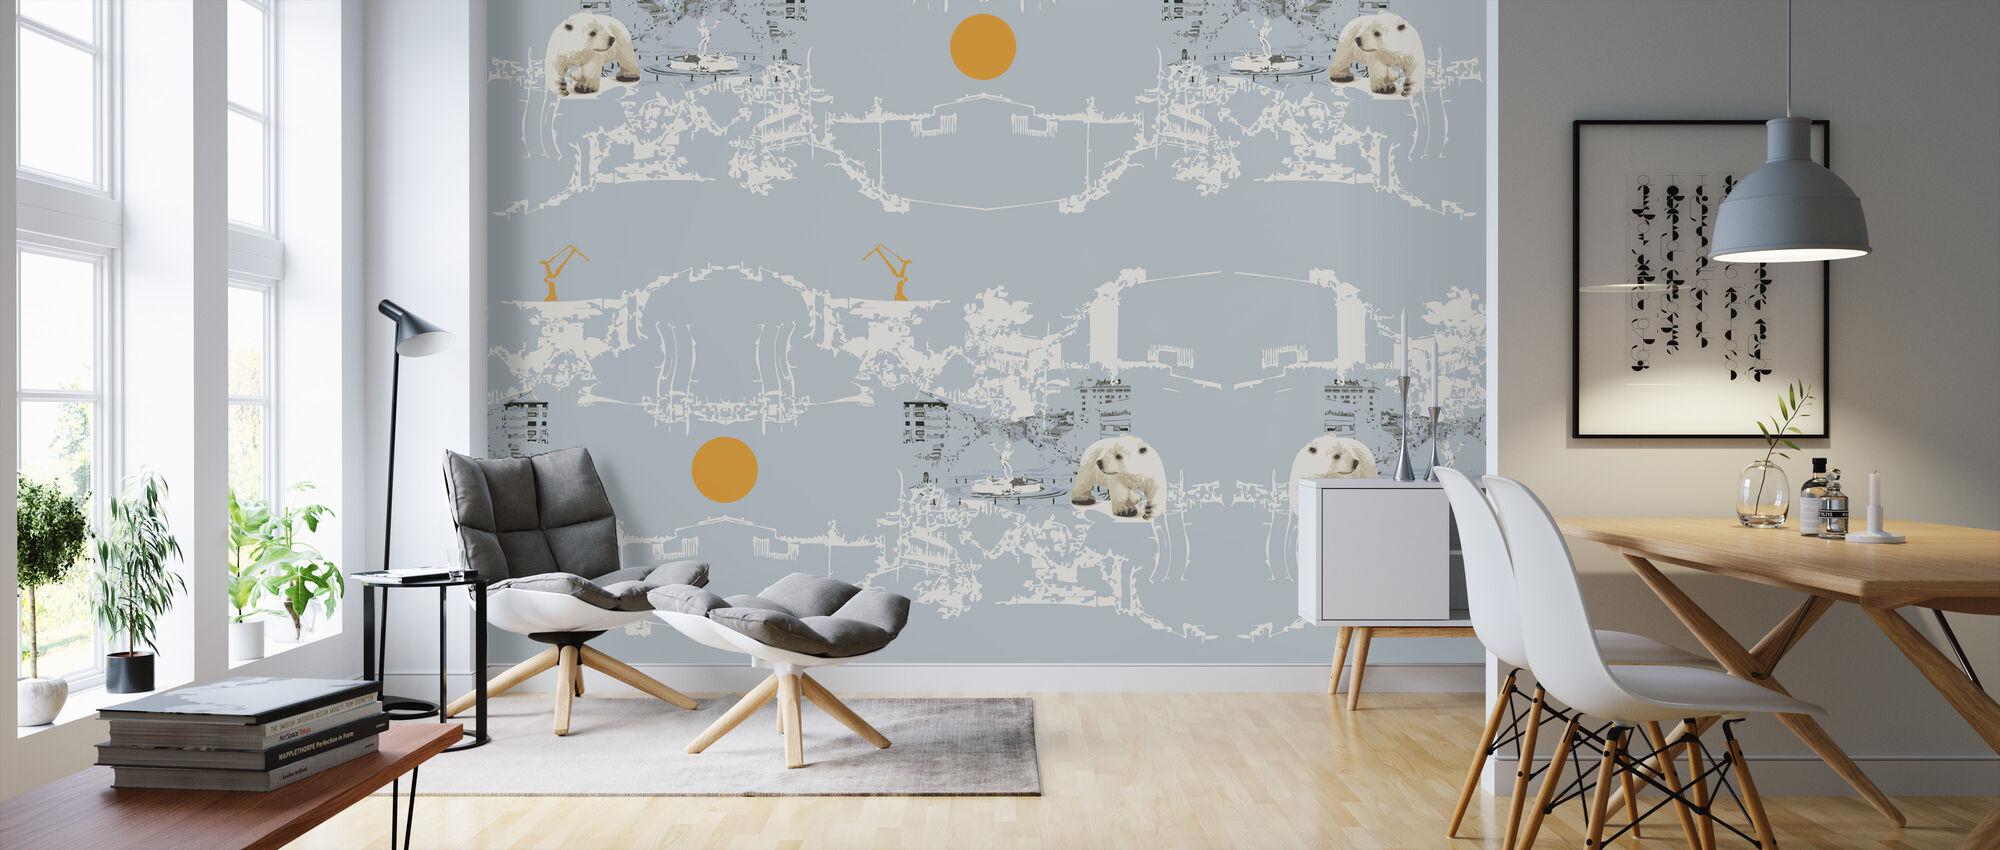 Polar Bear - Wallpaper - Living Room